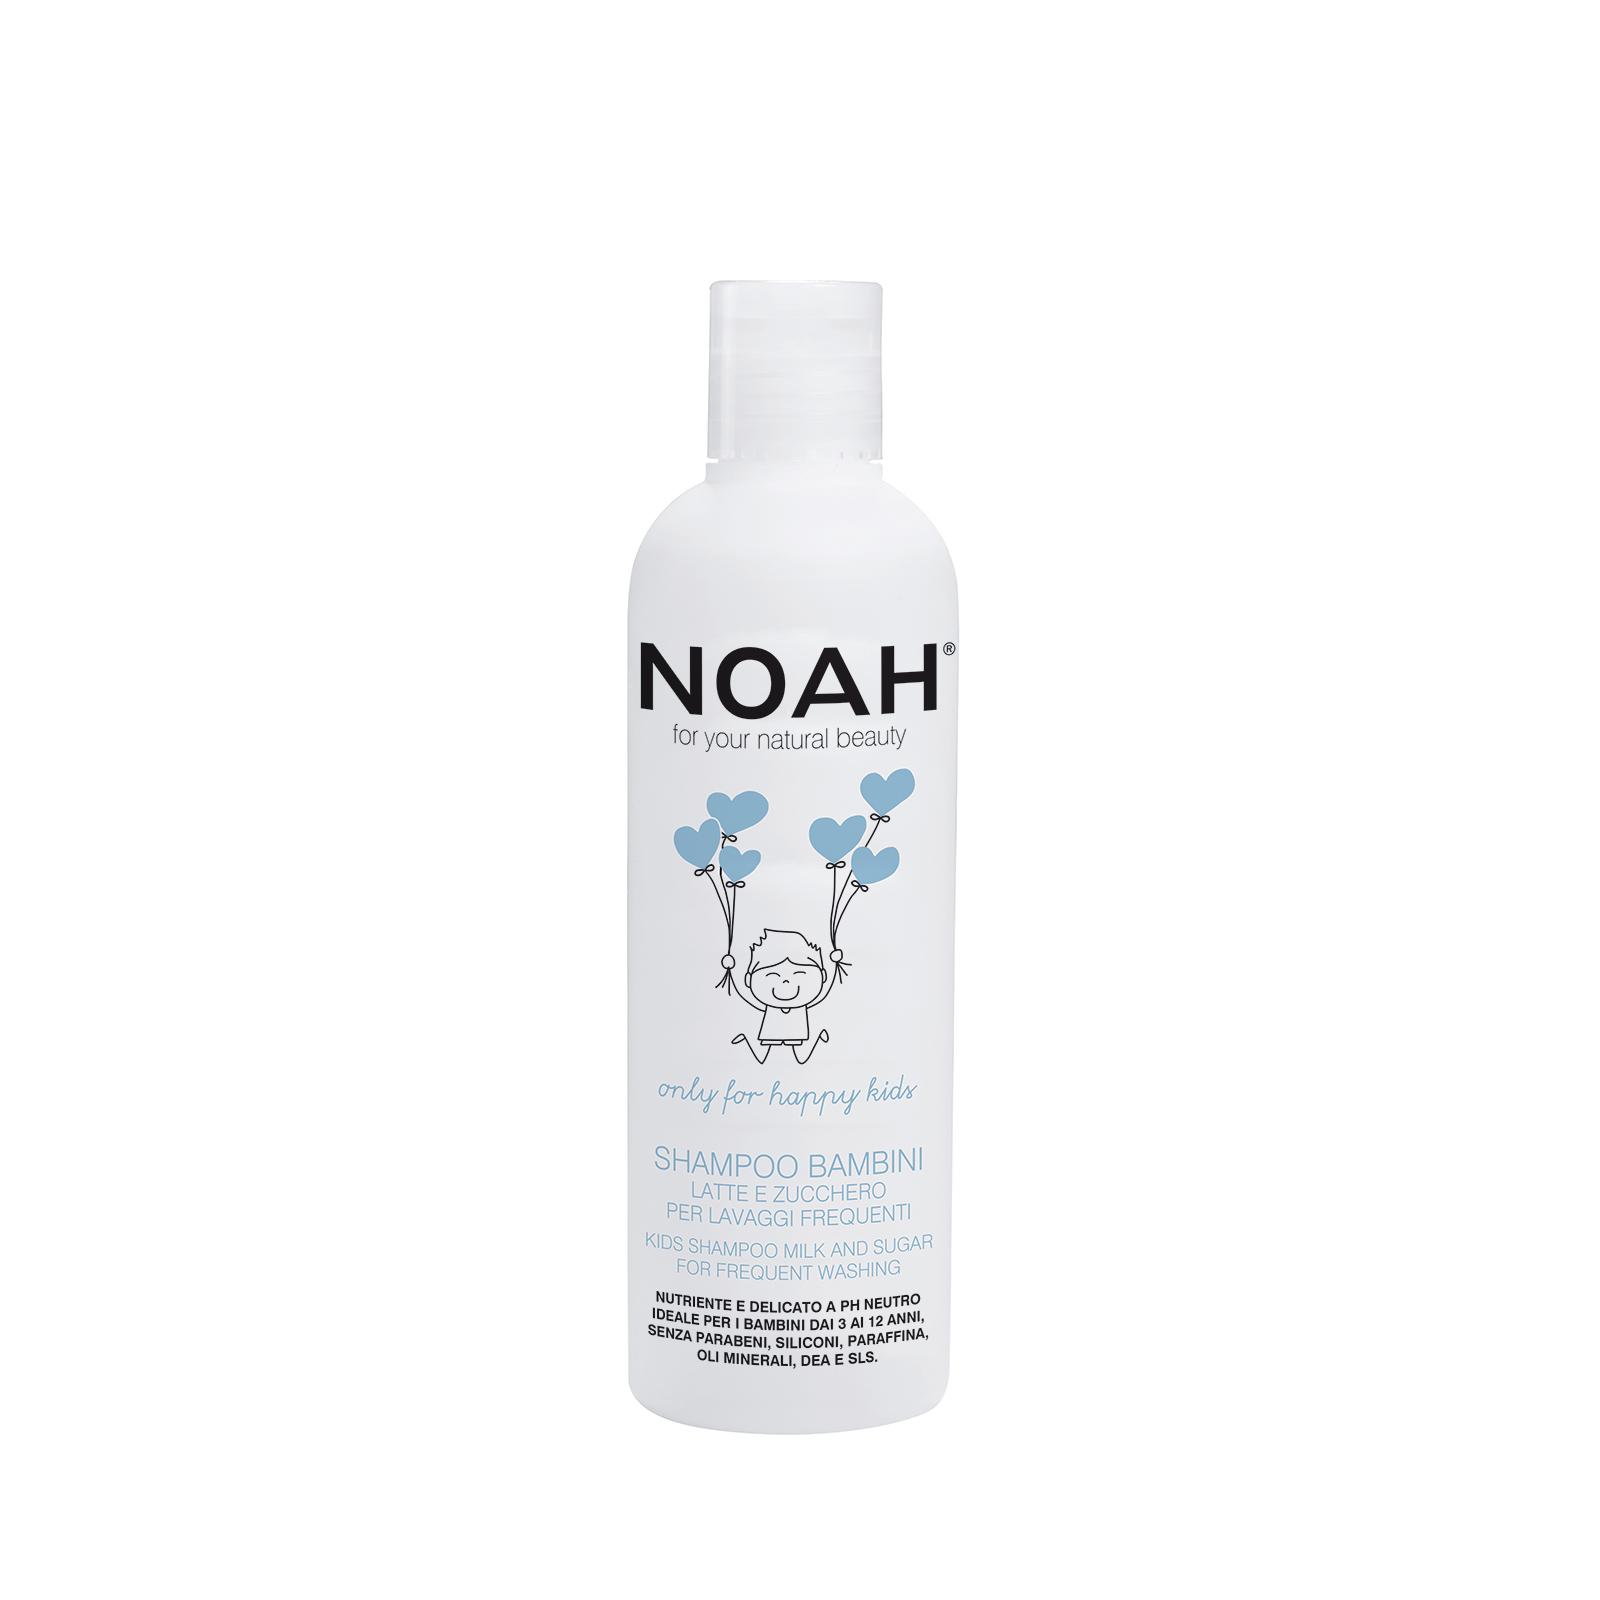 Vaikiškas maitinamasis šampūnas NOAH su pienu ir cukrumi dažnam naudojimui, 250 ml